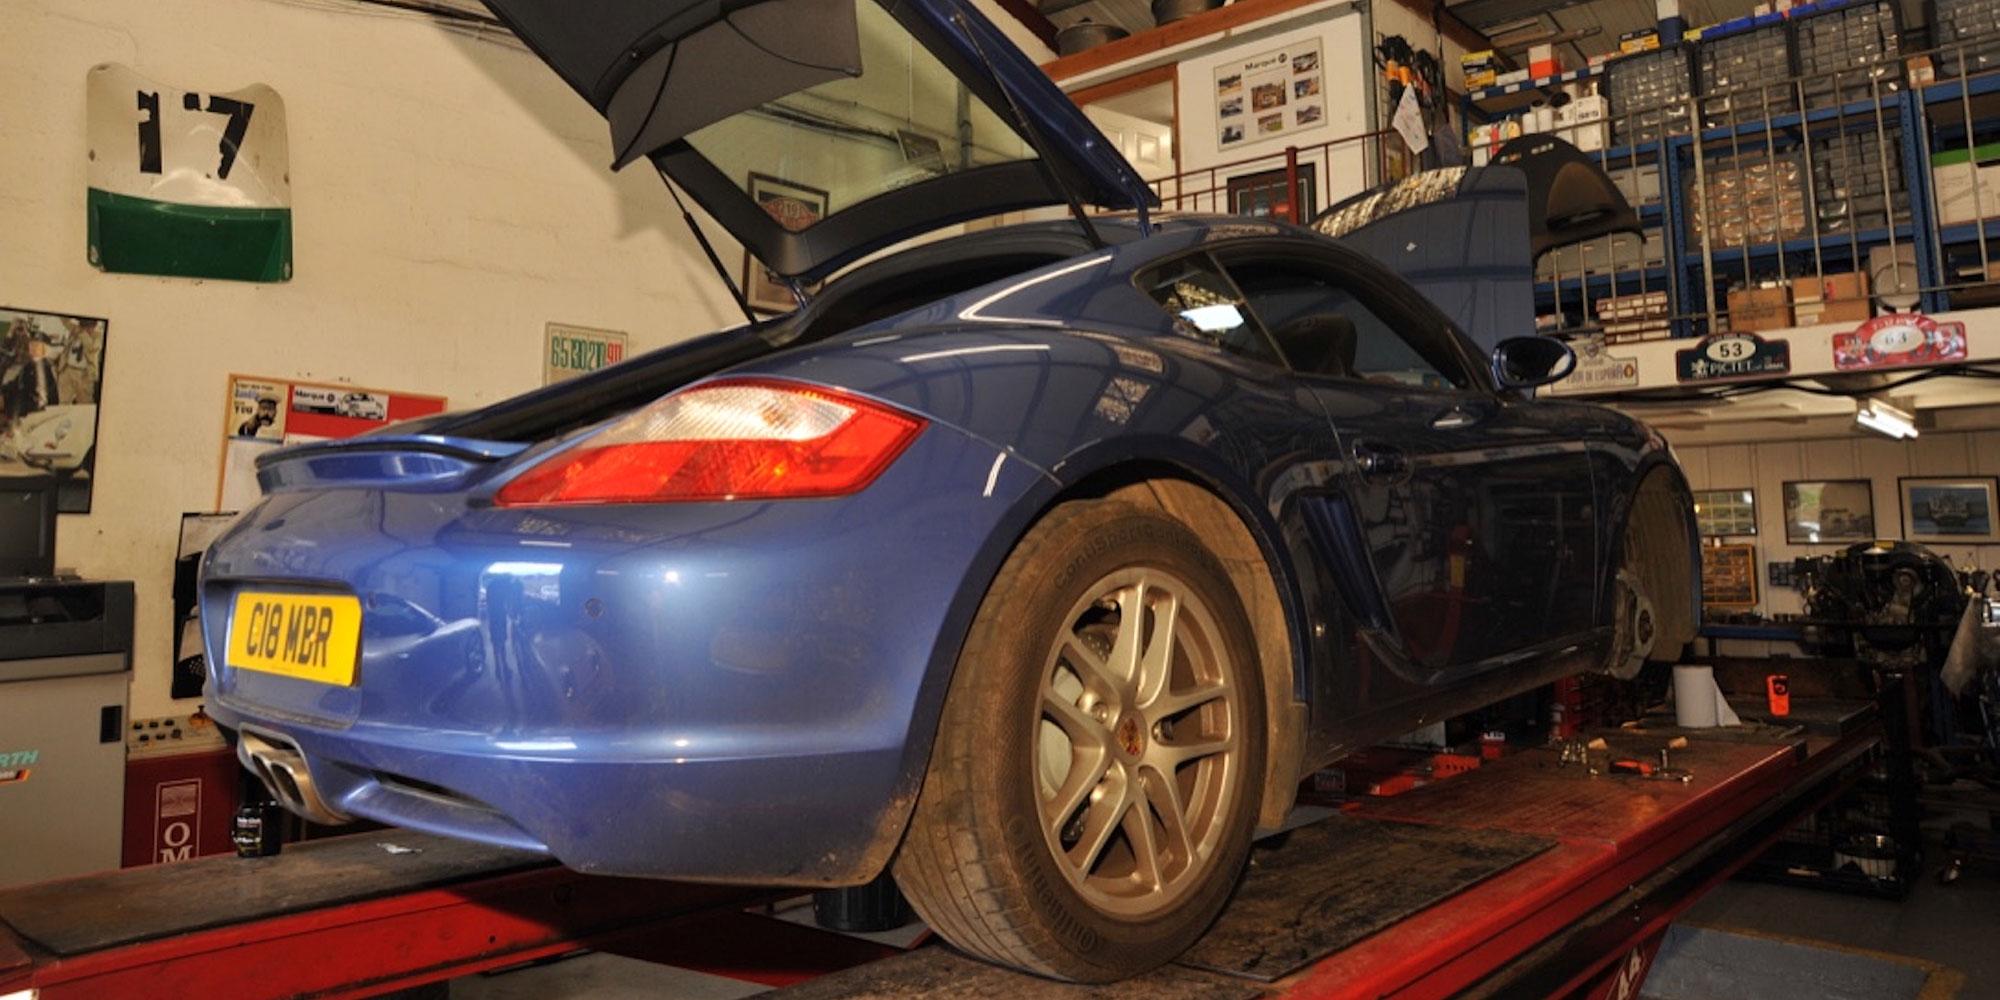 Porsche having a service